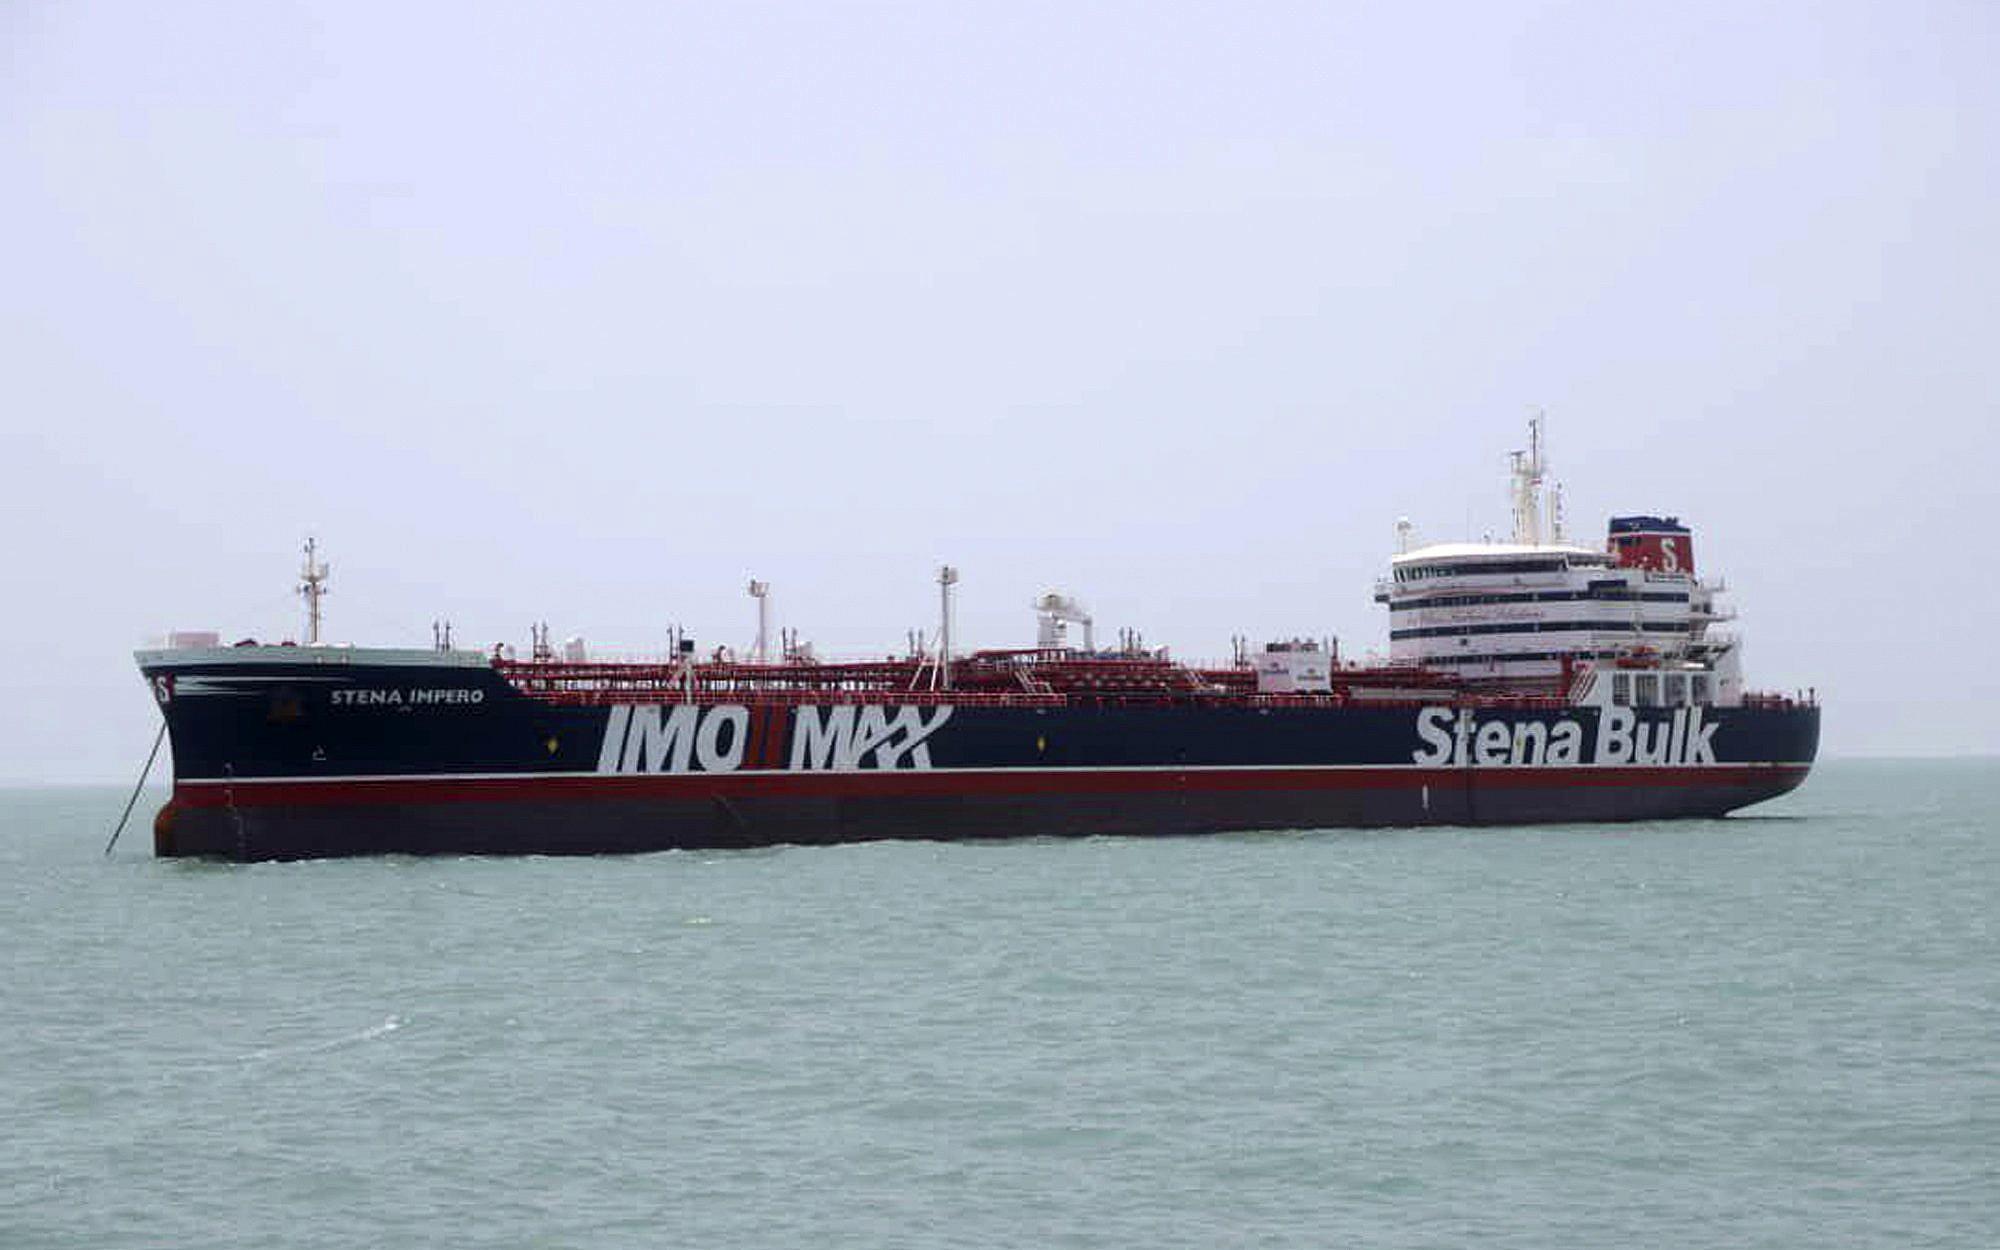 Iran escort vessel in gaza